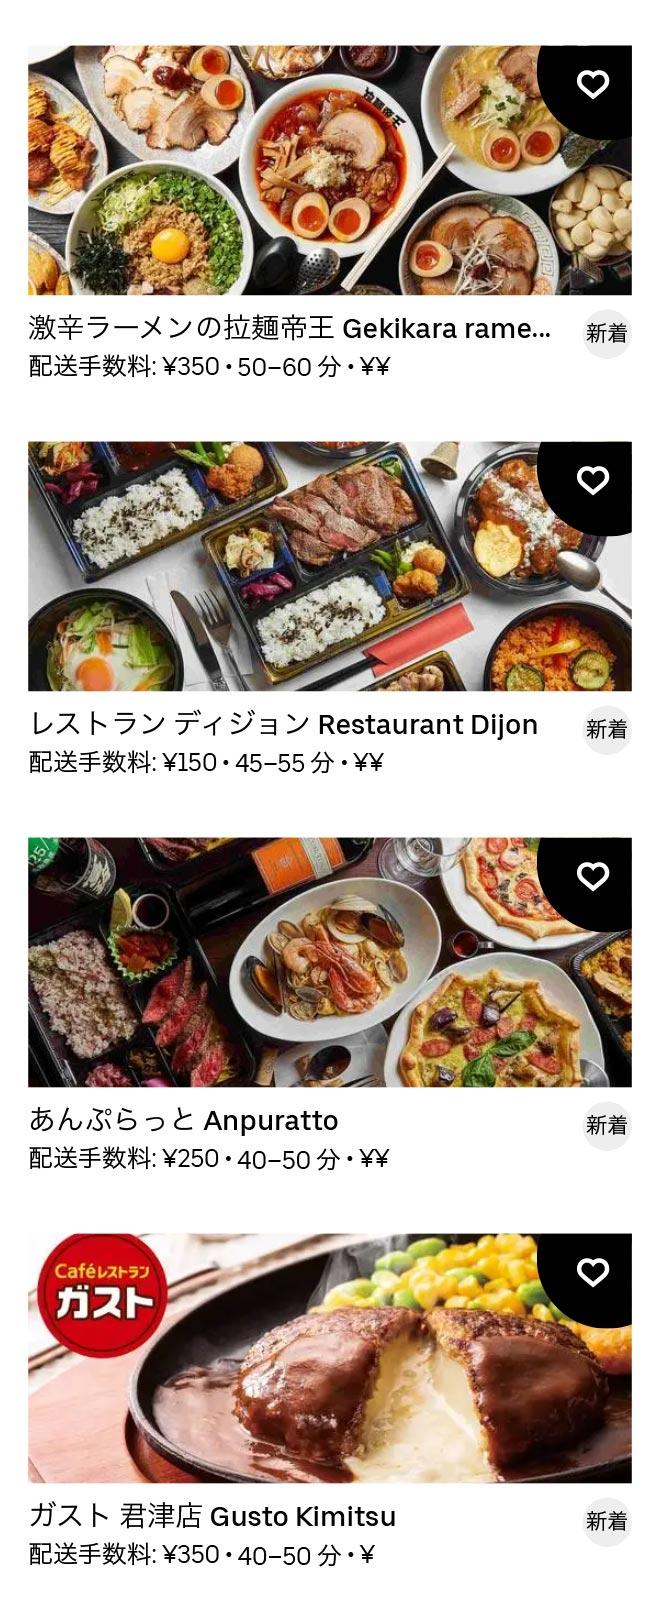 Kimitsu menu 2011 2